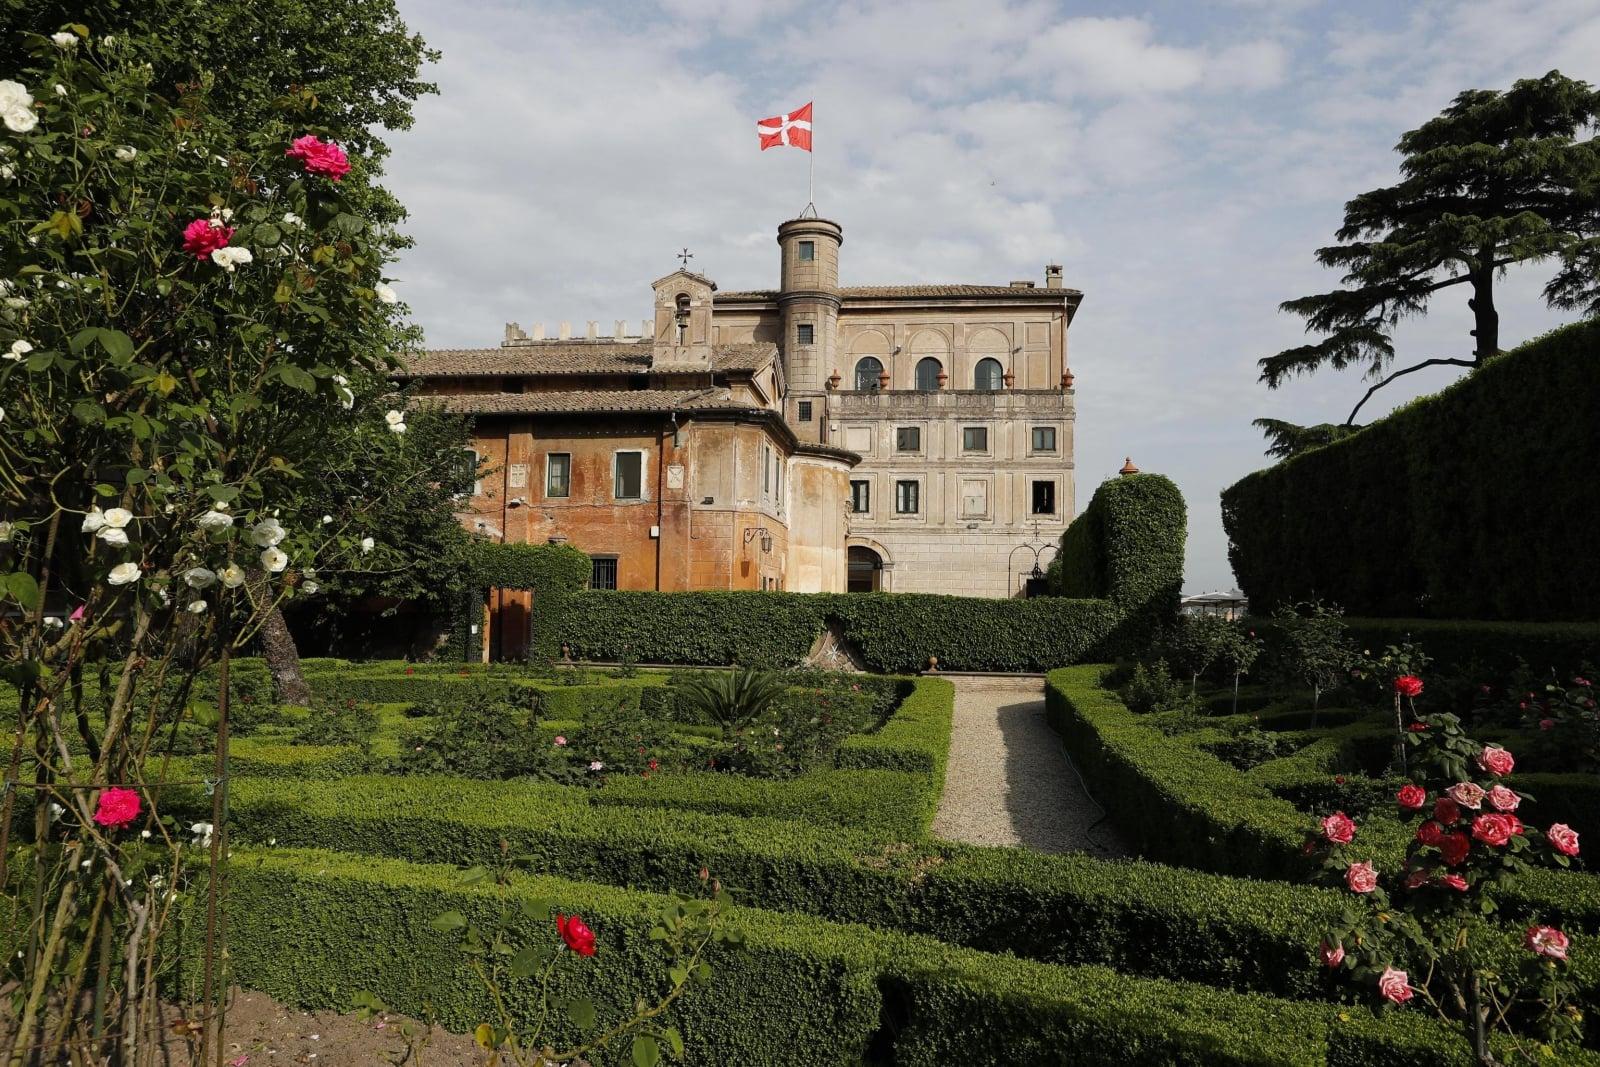 Zamek należący do Zakonu Maltańskiego w Rzymie.